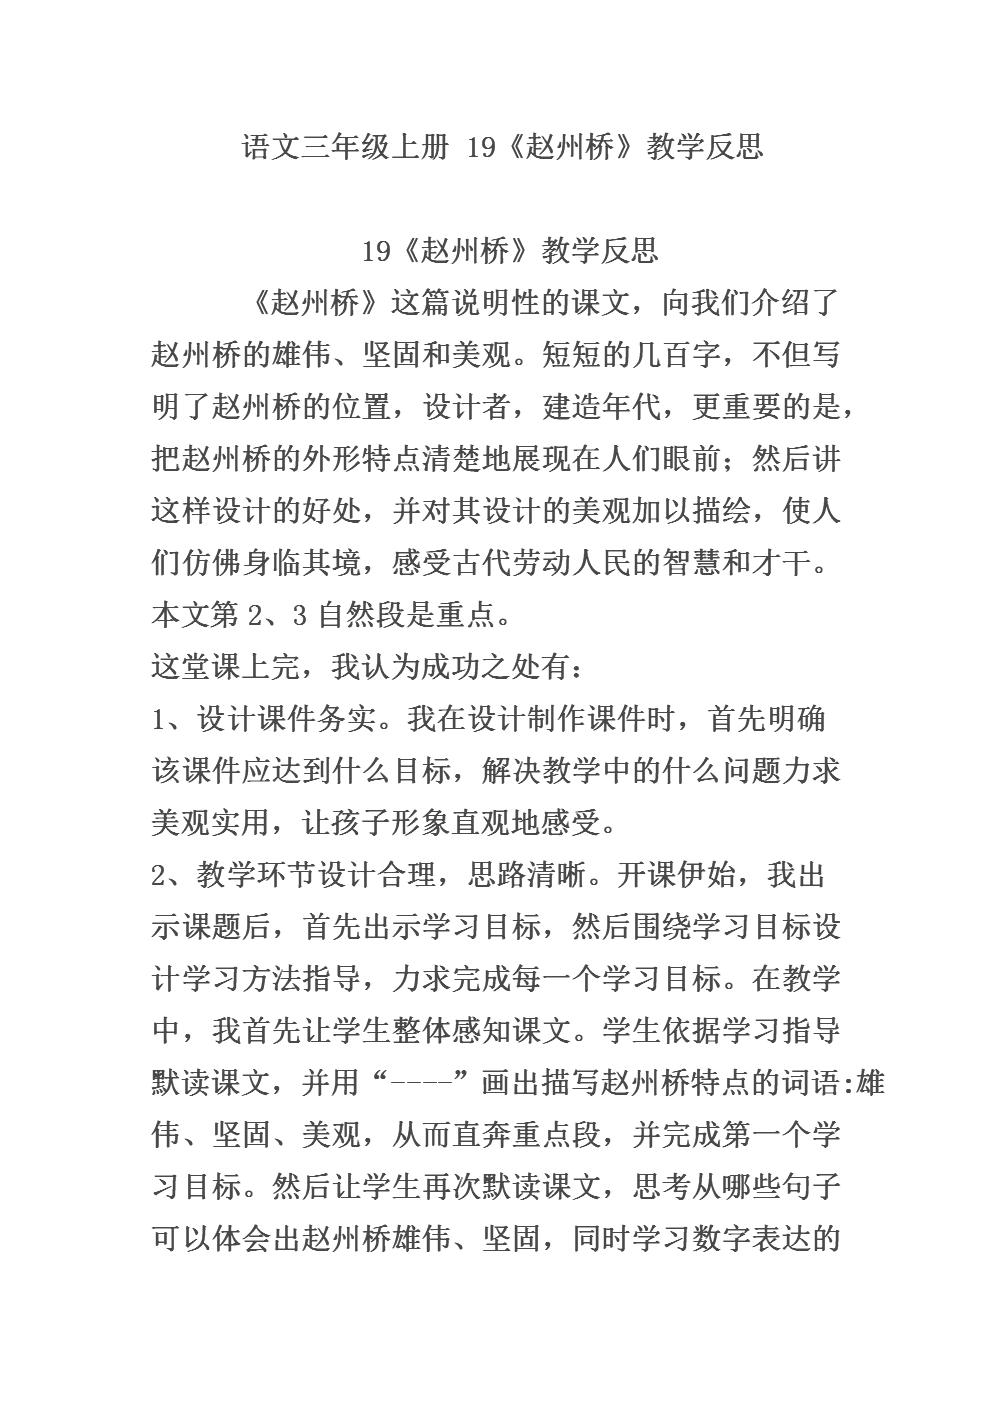 语文人教版三年级上册19赵州桥教学反思.doc图片